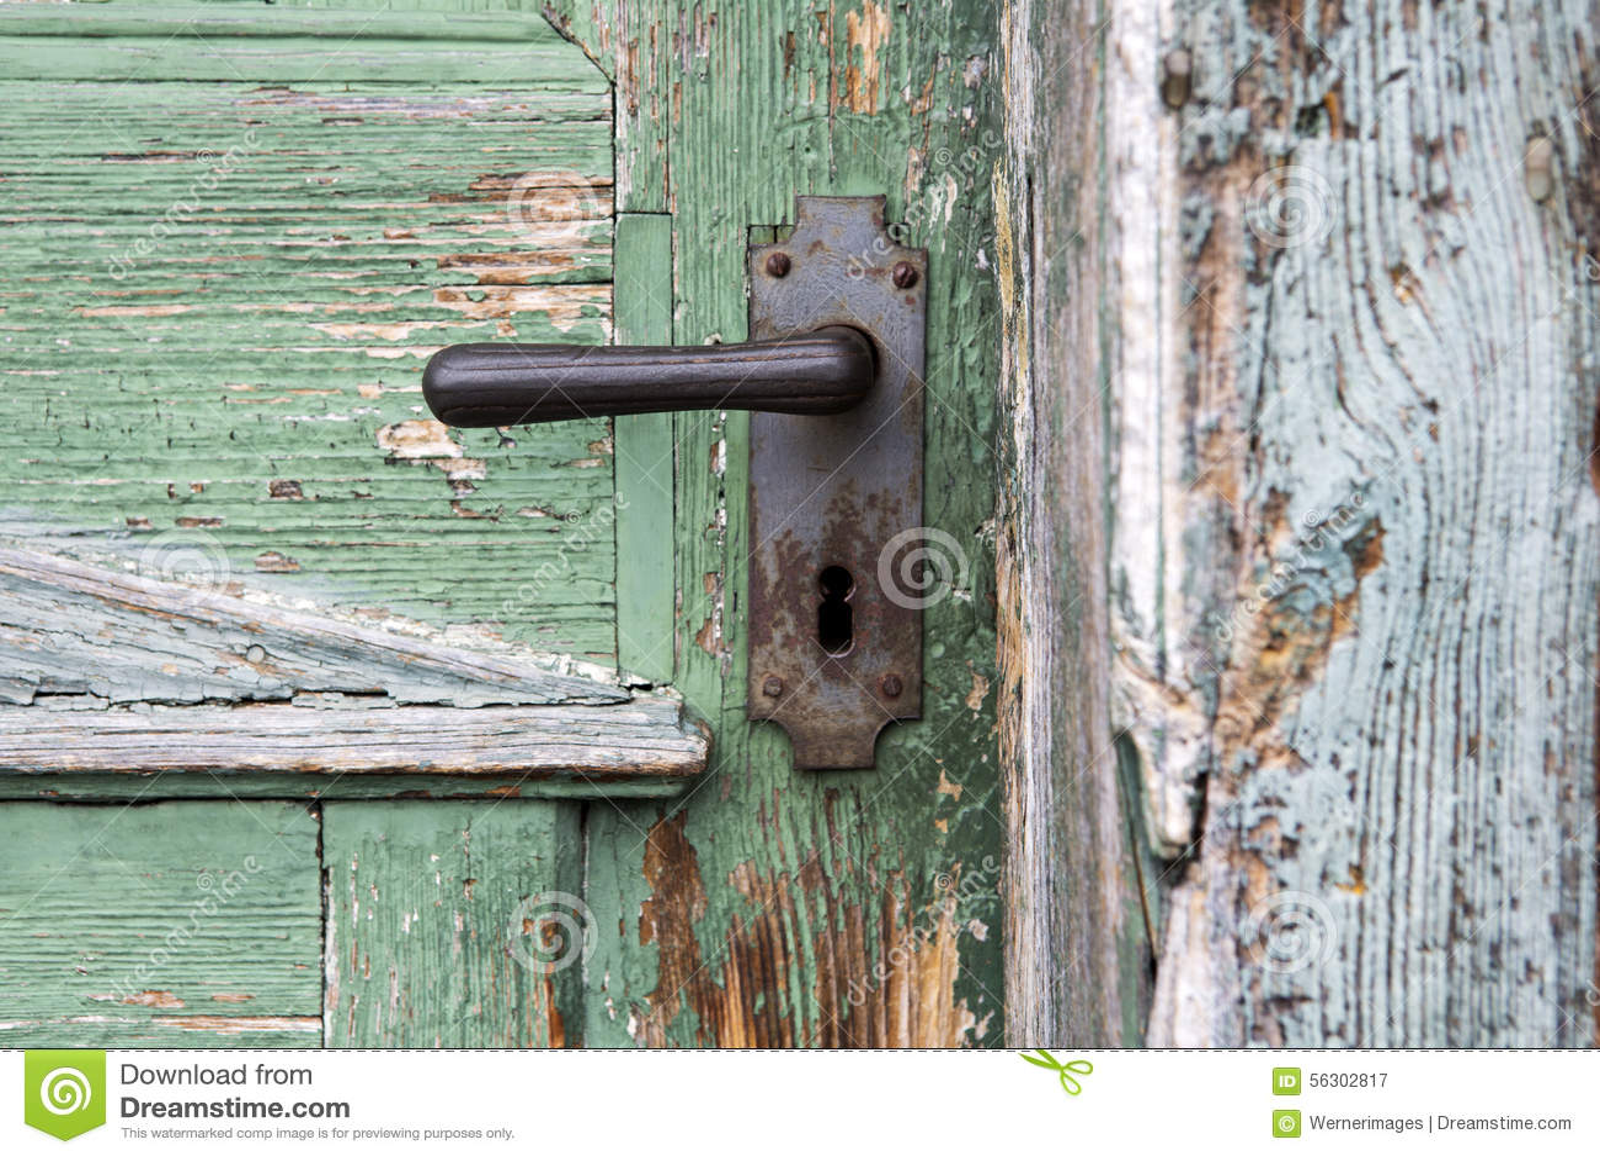 Vieille Porte D 39 Entr E En Bois Avec La Poign E De Porte